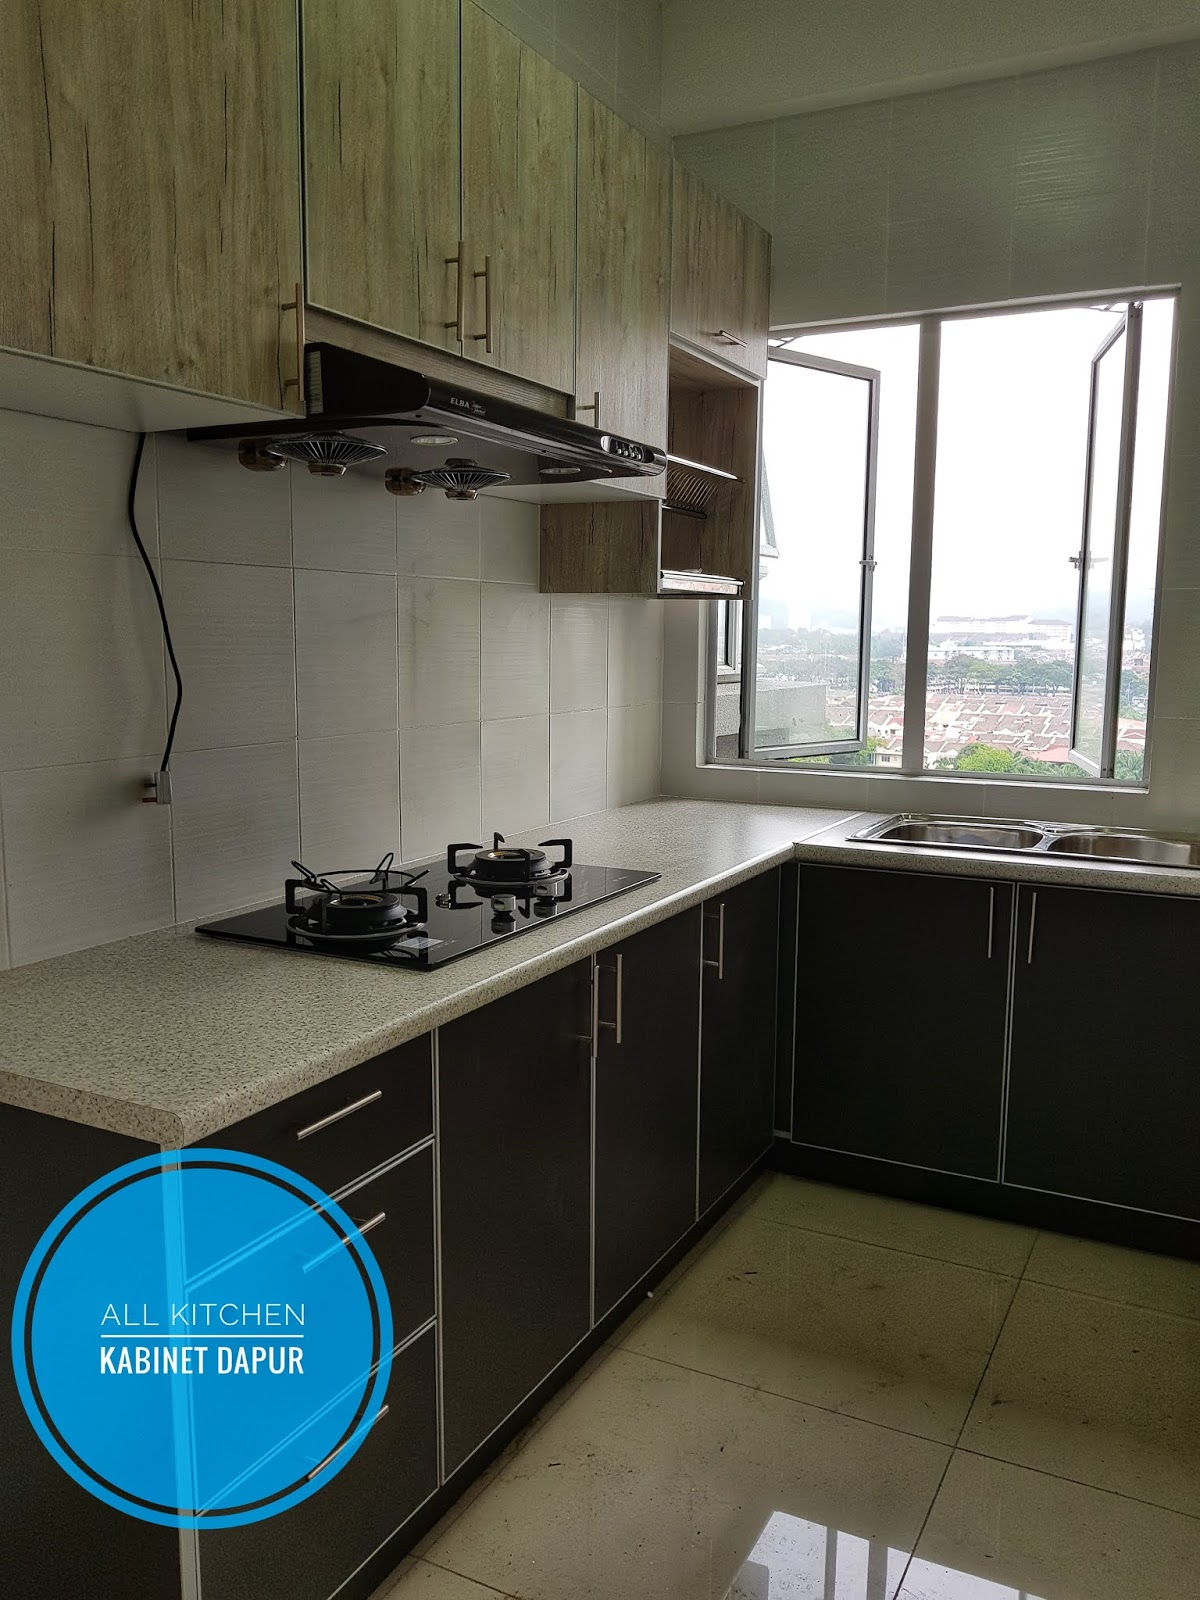 Kabinet Dapur Murah Ppa1m